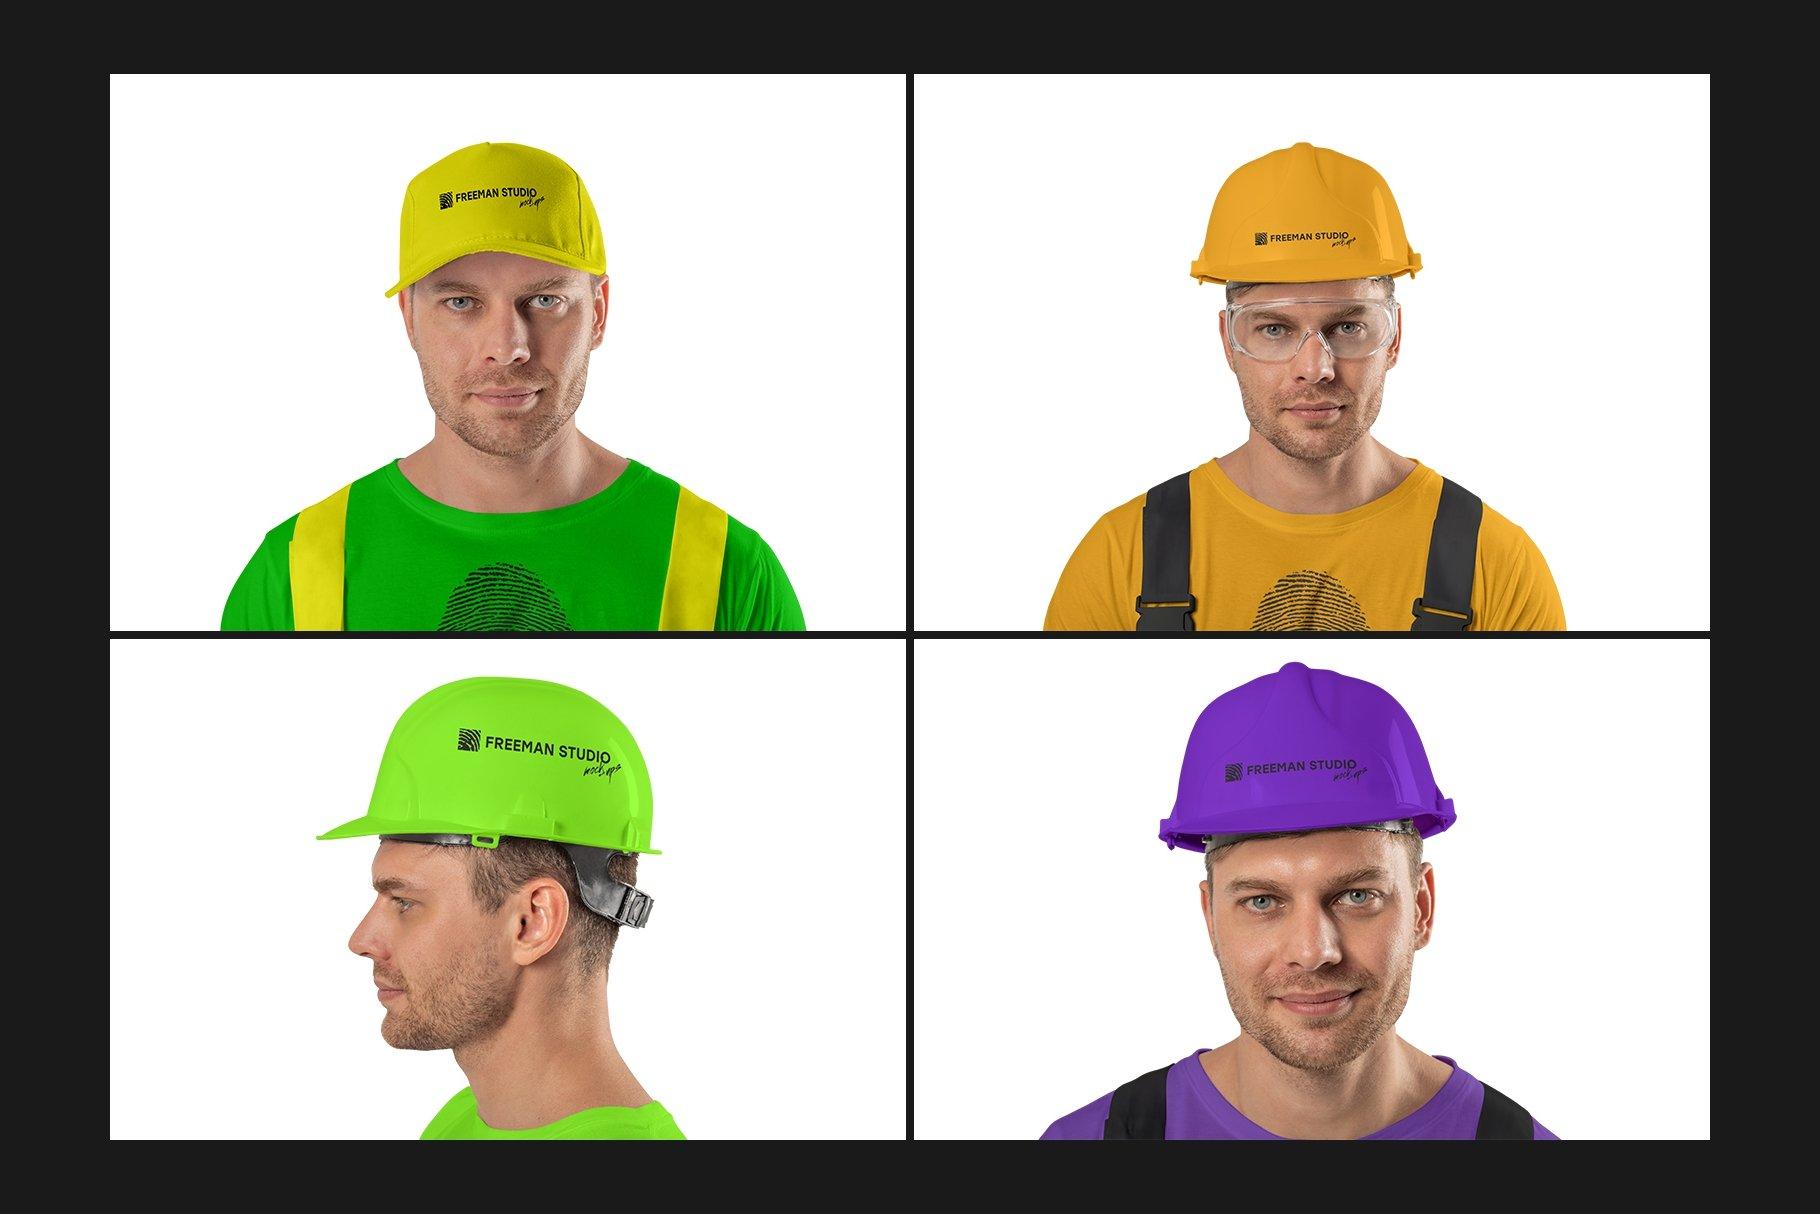 45个超大工装帽子安全帽品牌Logo设计智能贴图样机PSD模版素材 Working Overalls Suit Mock-Up Set插图11